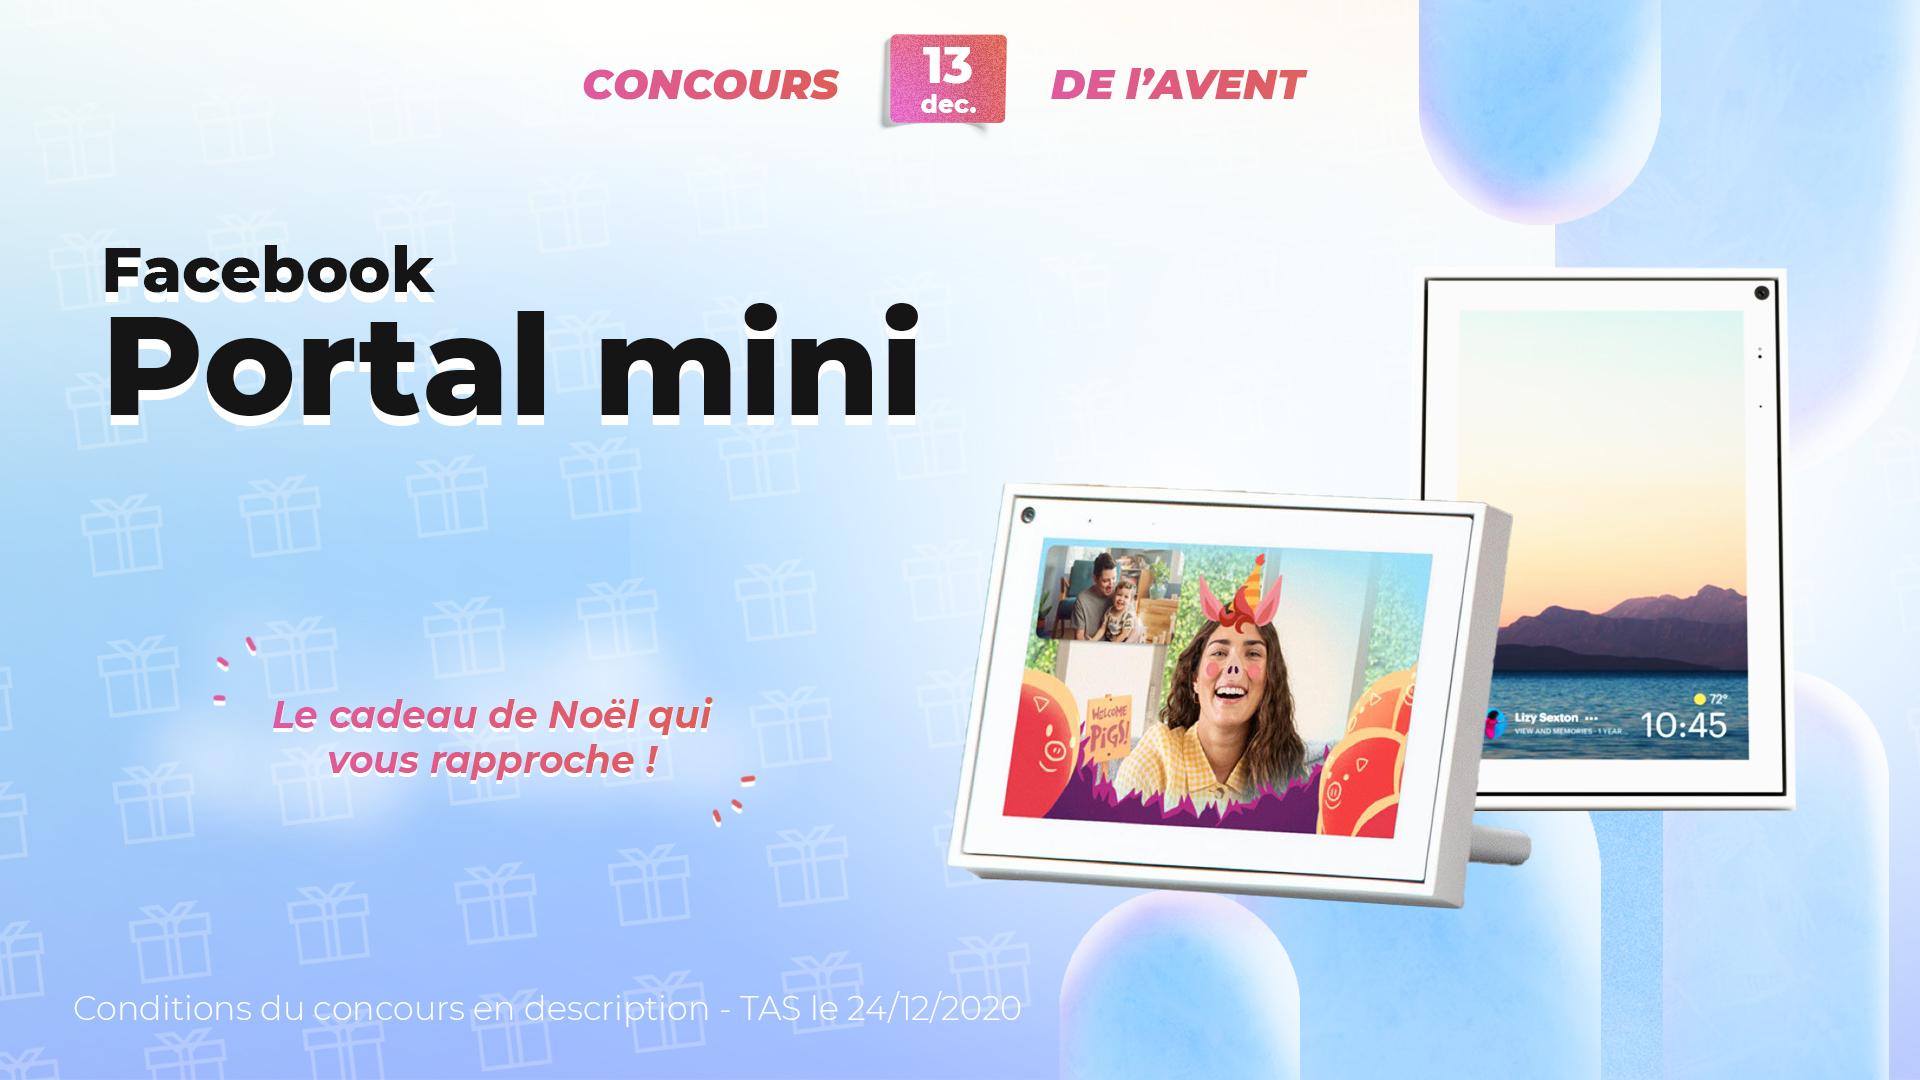 #FrandroidOffreMoi un Facebook Portal Mini